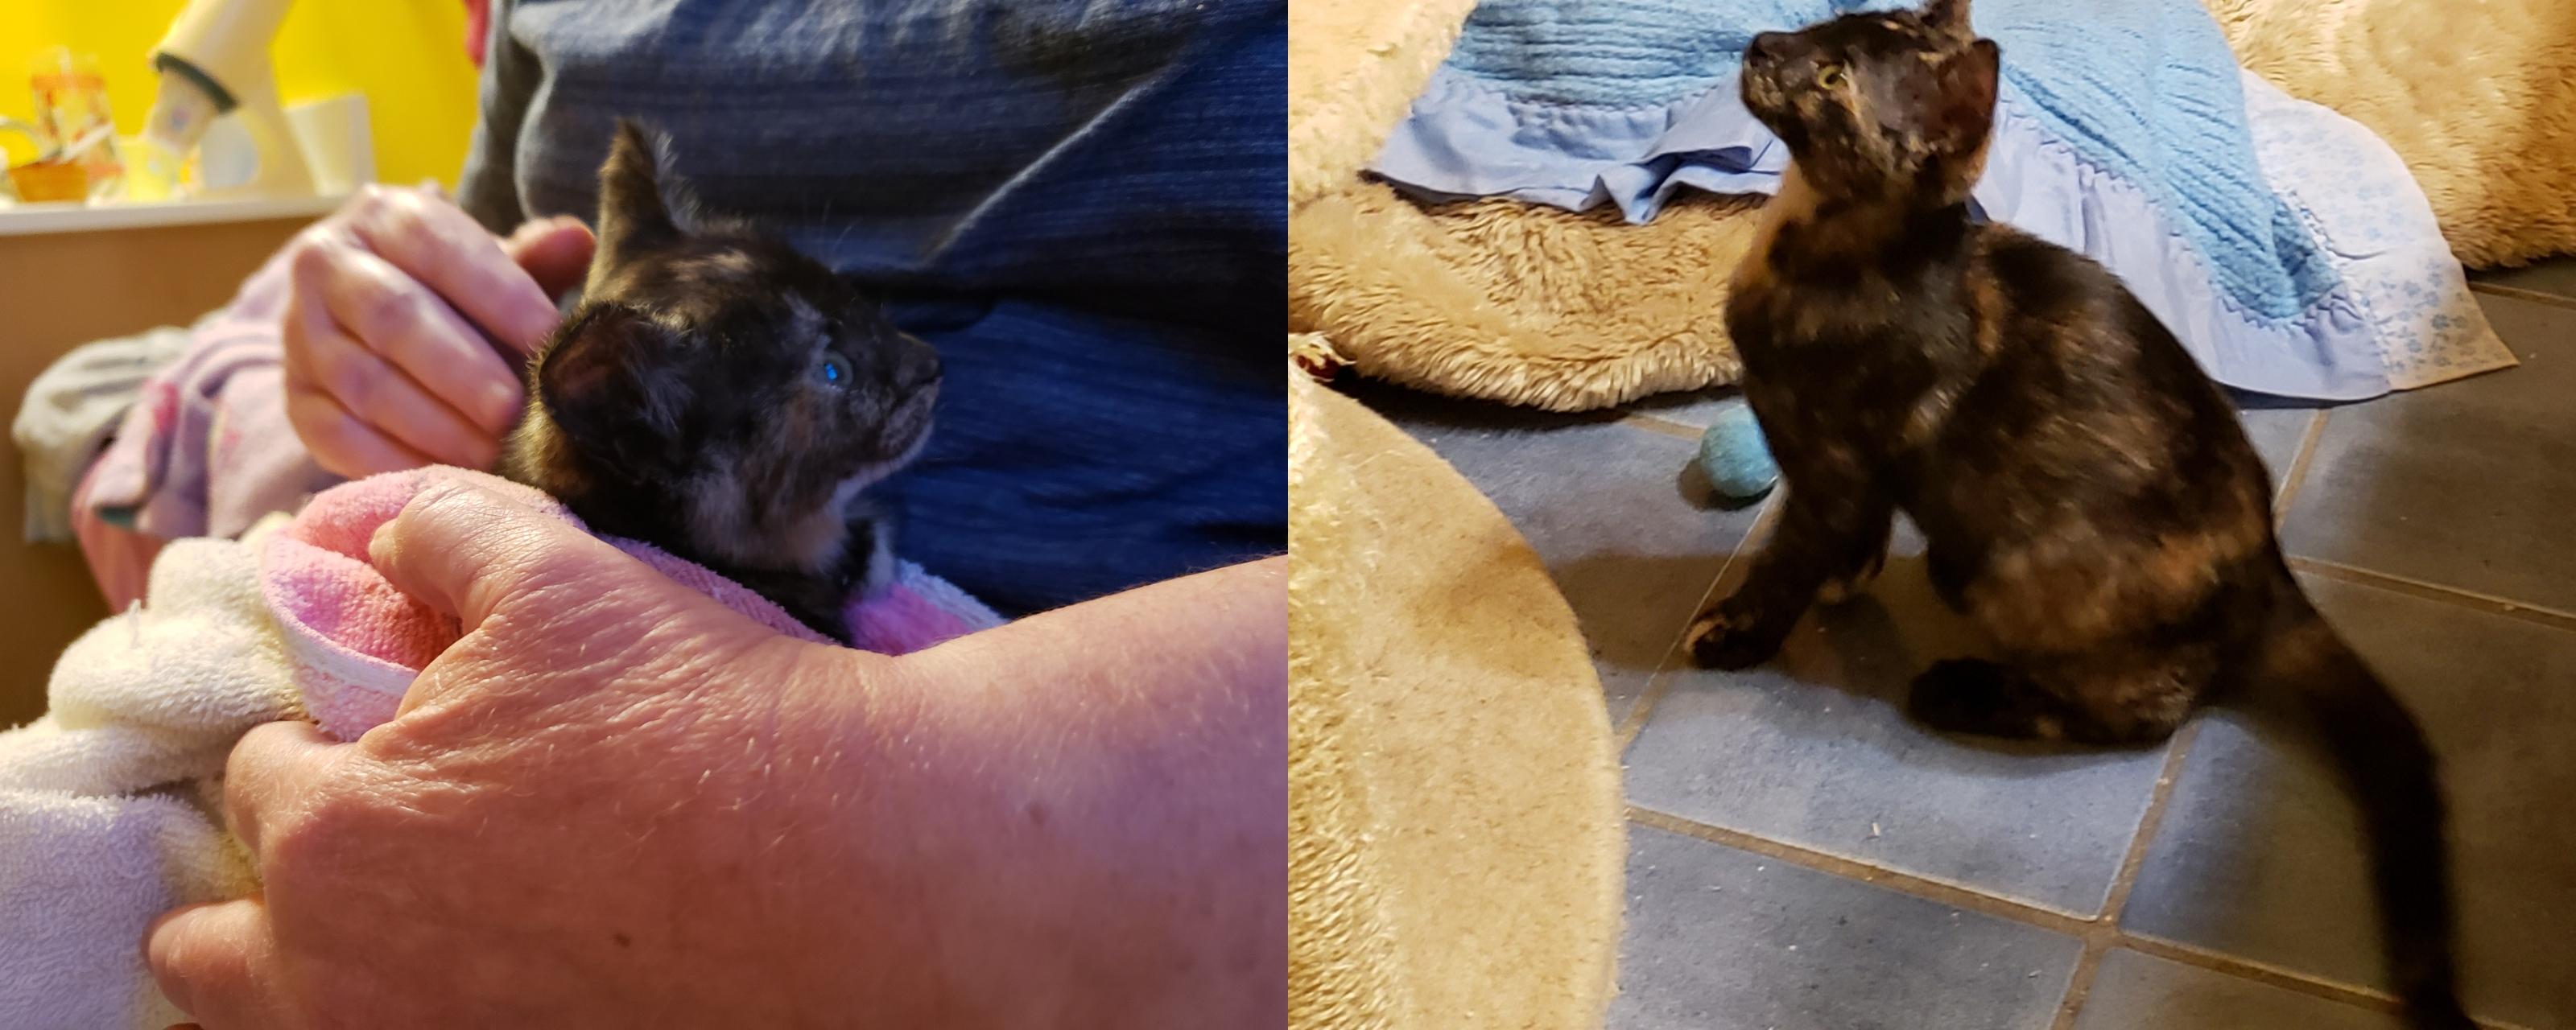 Photos of Cat Named Artemis